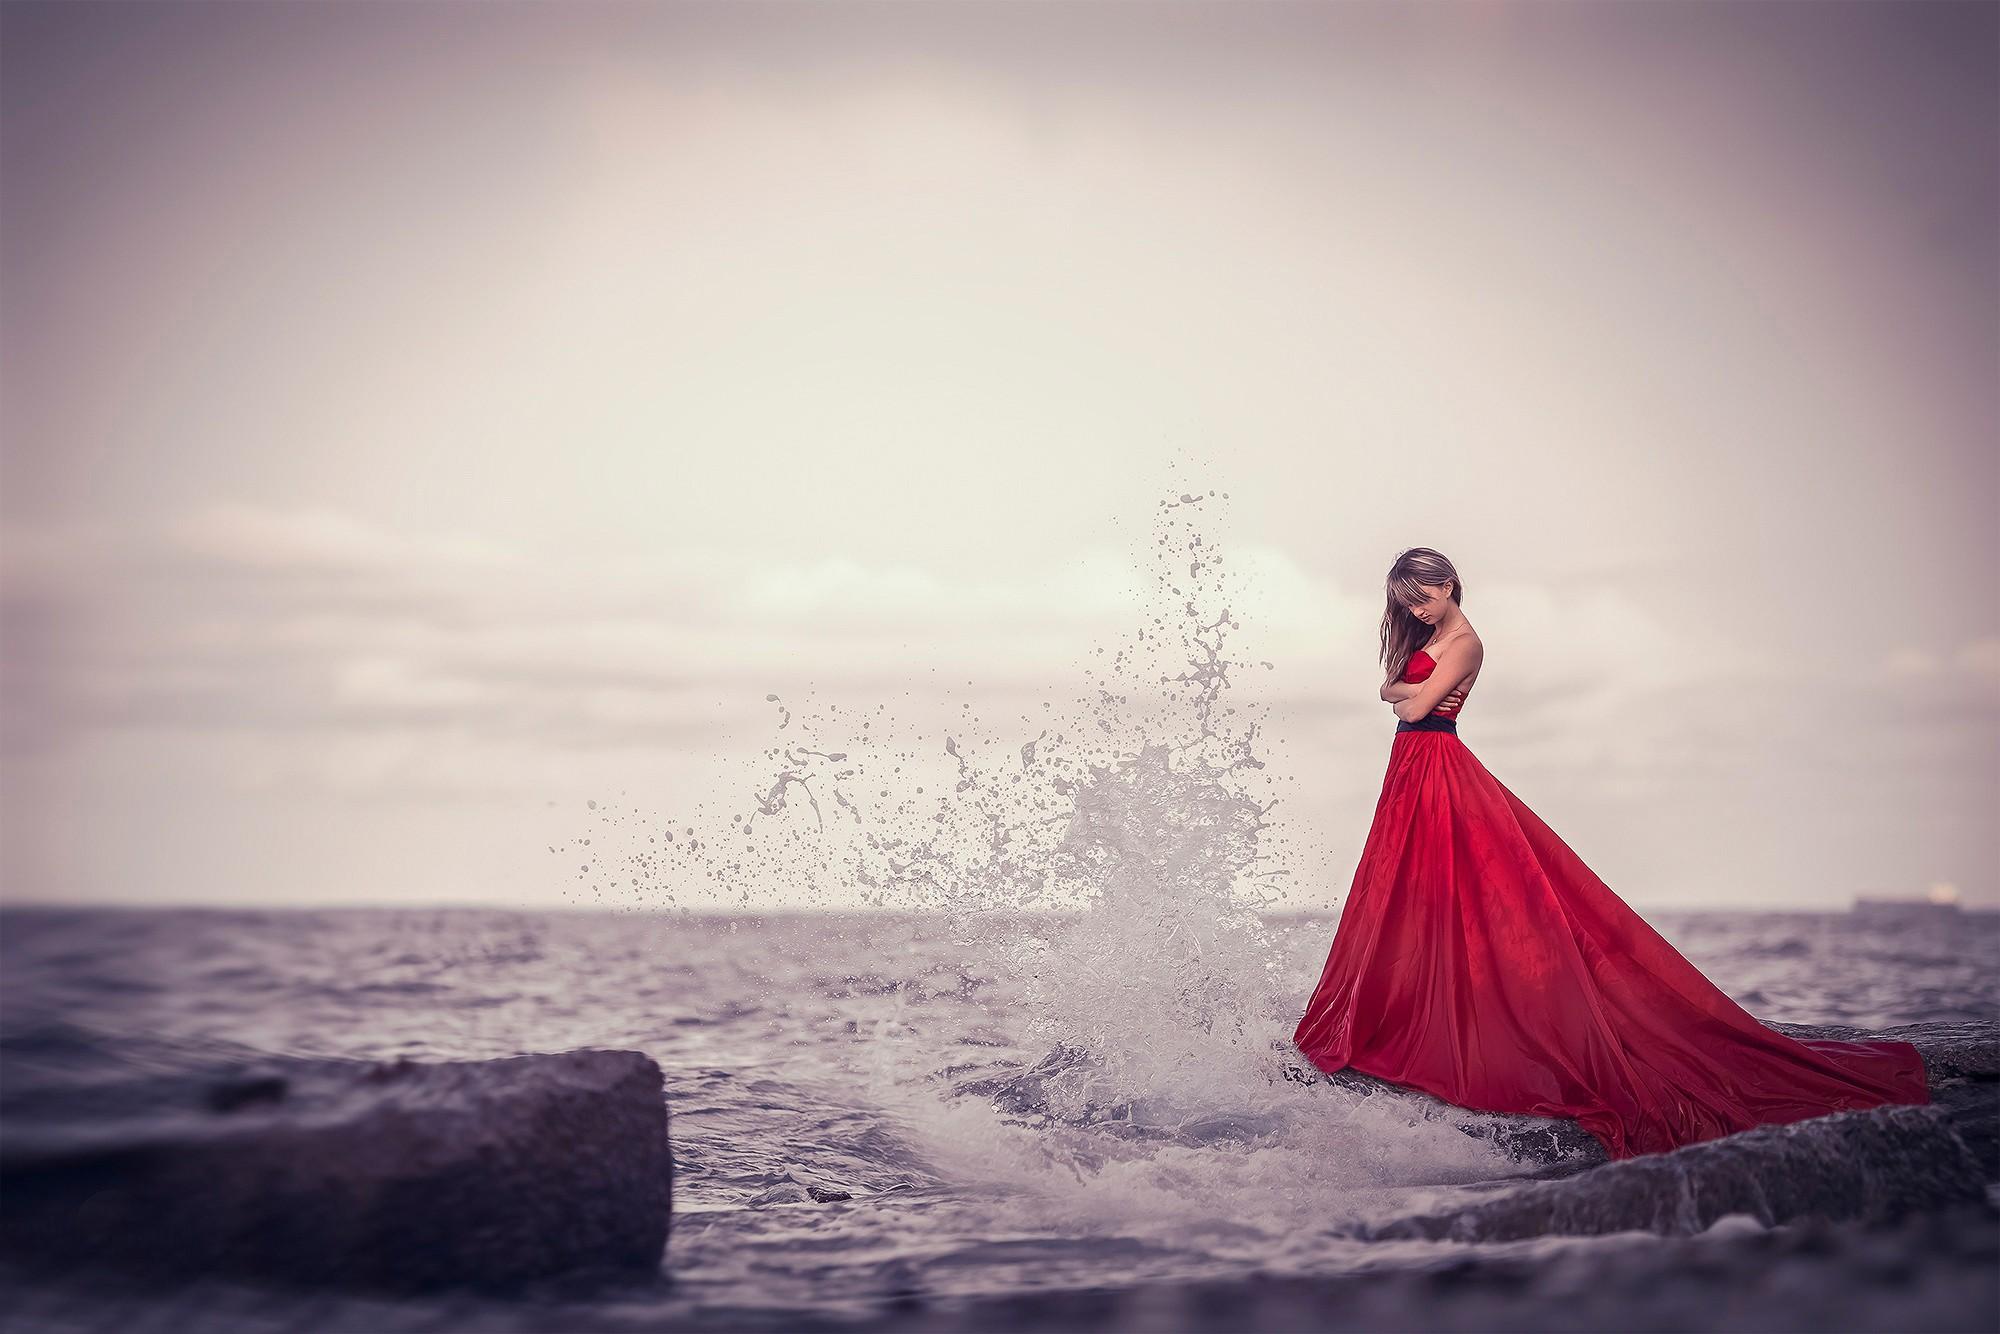 лакомством фотографии женские на фоне вечернего моря дальнейшем